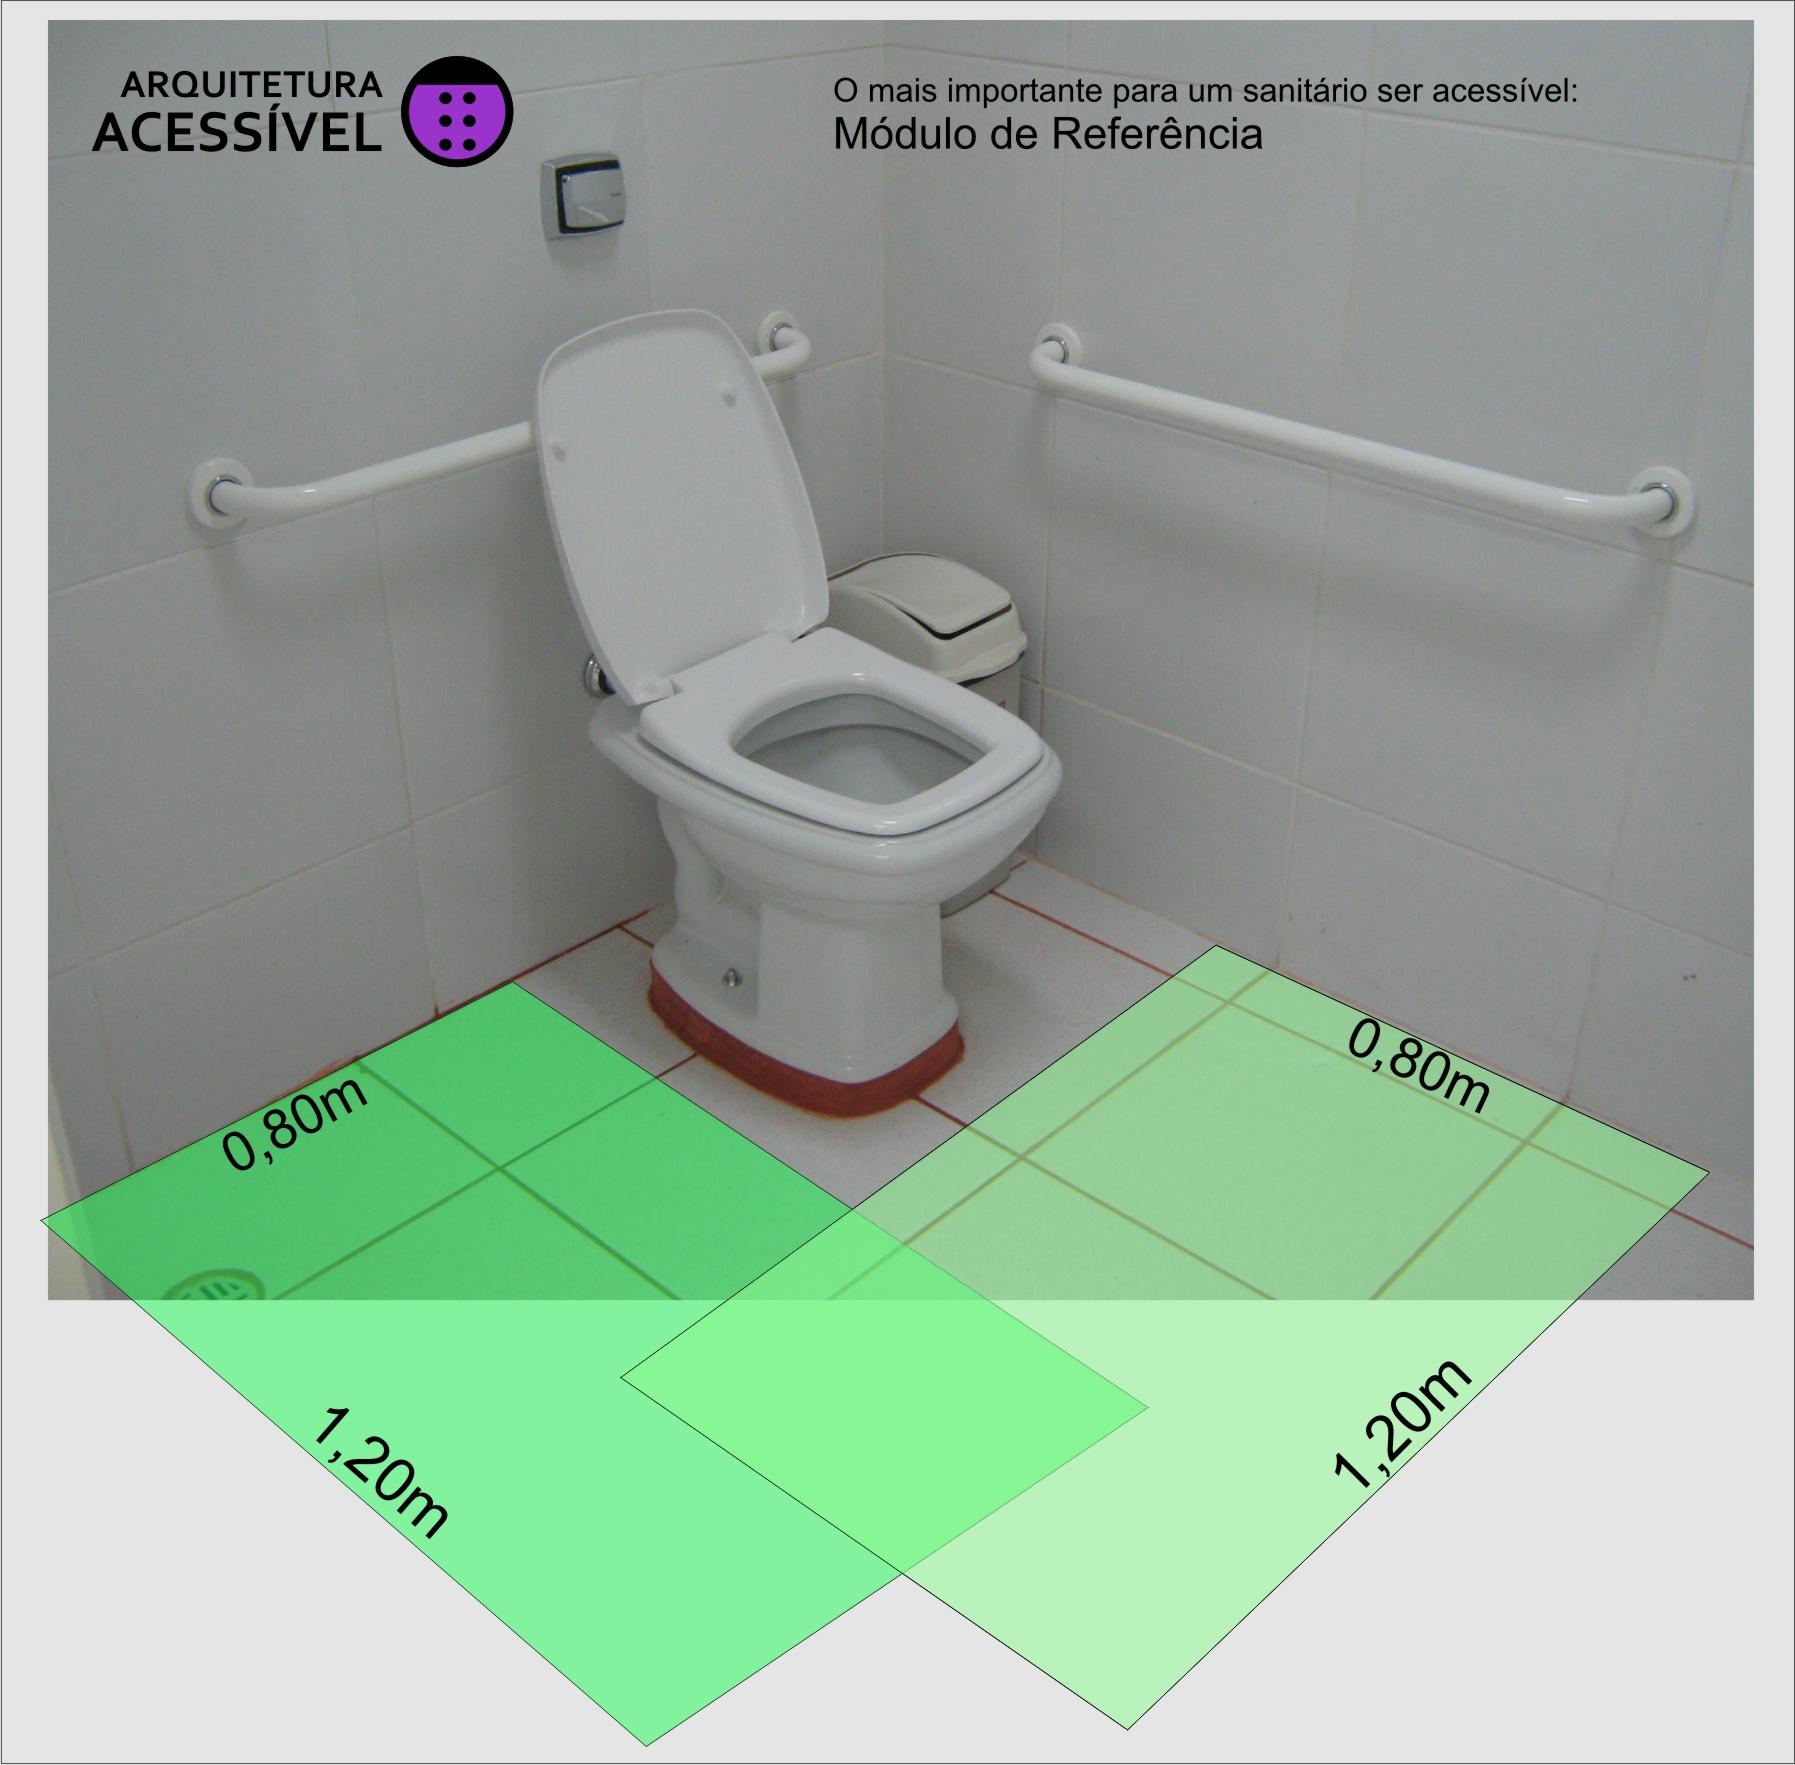 Adaptação de Sanitário Arquitetura Acessível #7B28A3 1795x1765 Banheiro Acessivel Medidas Nbr